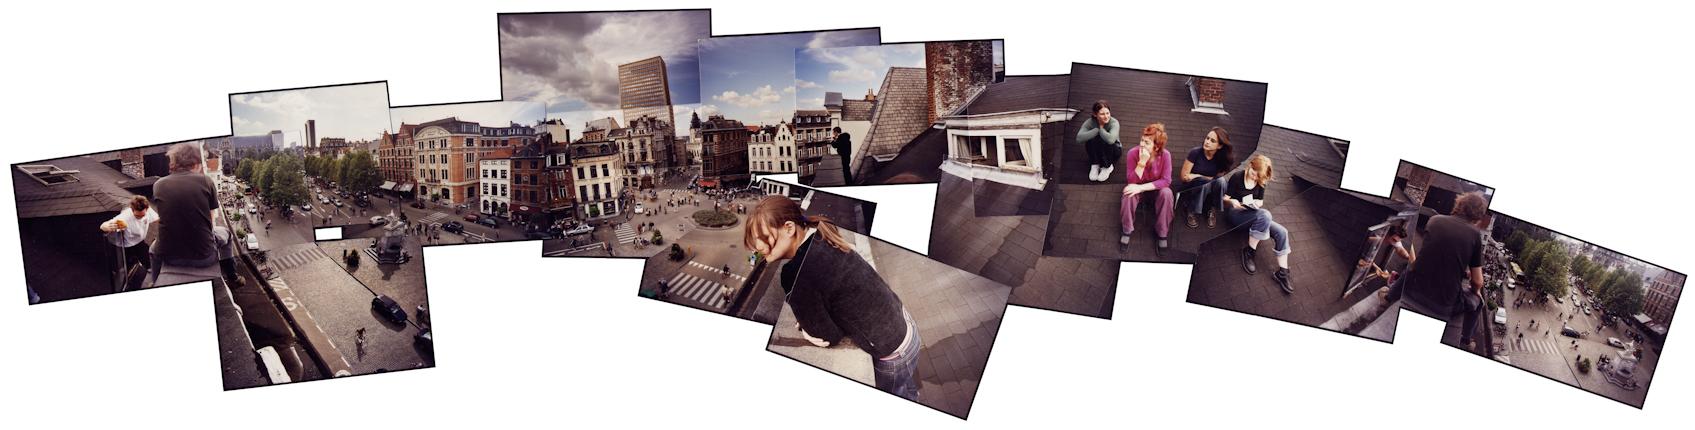 Panoramique n°264 - Bruxelles (septembre 2004)